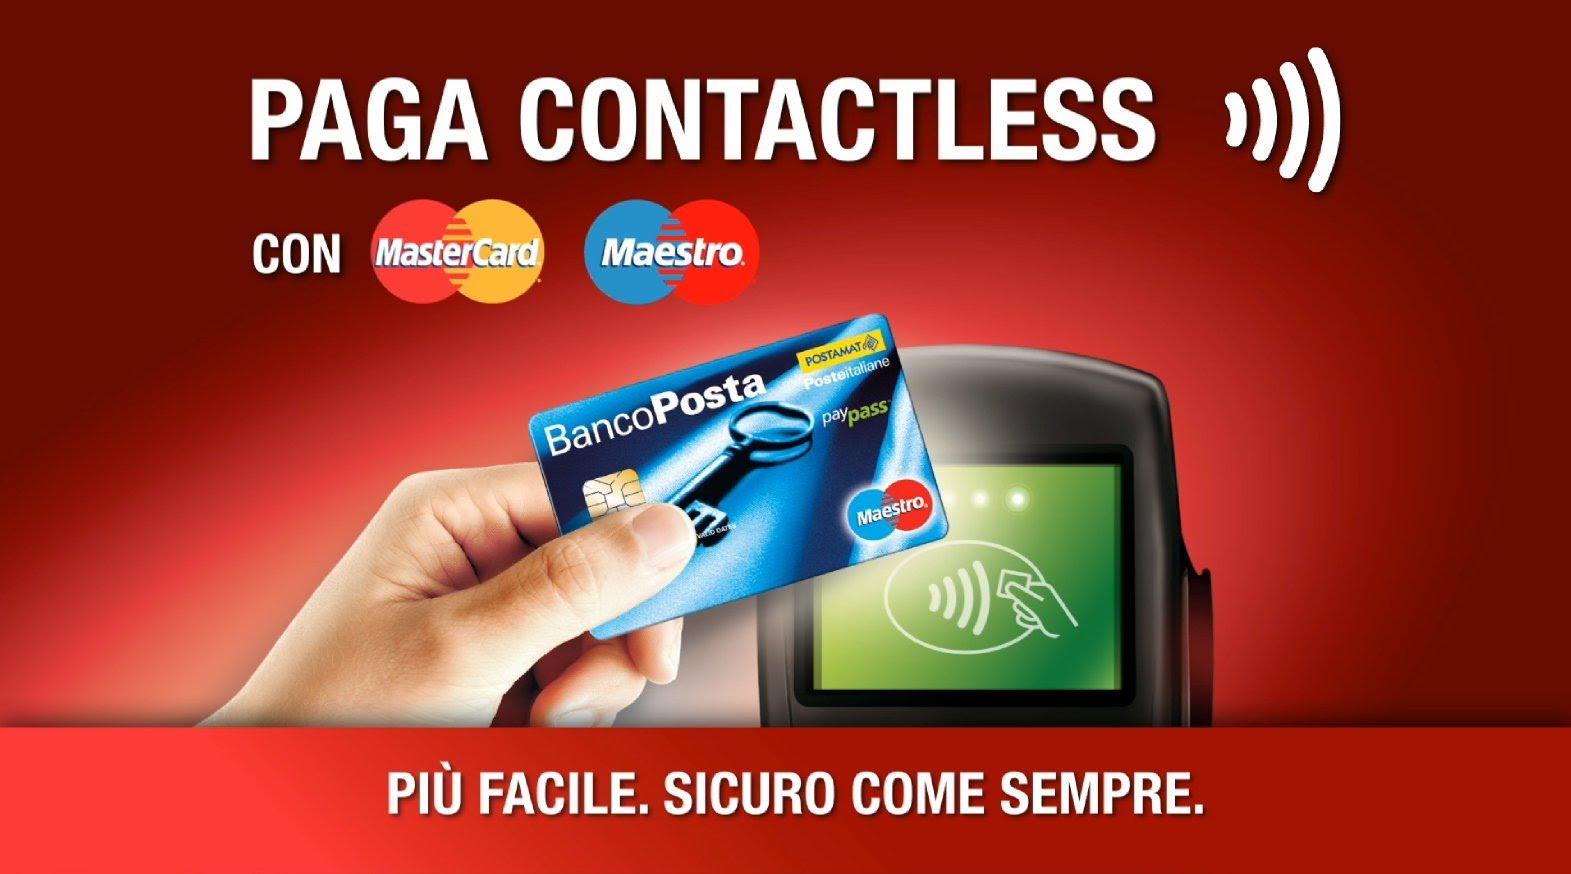 Come disattivare la carta Paypass